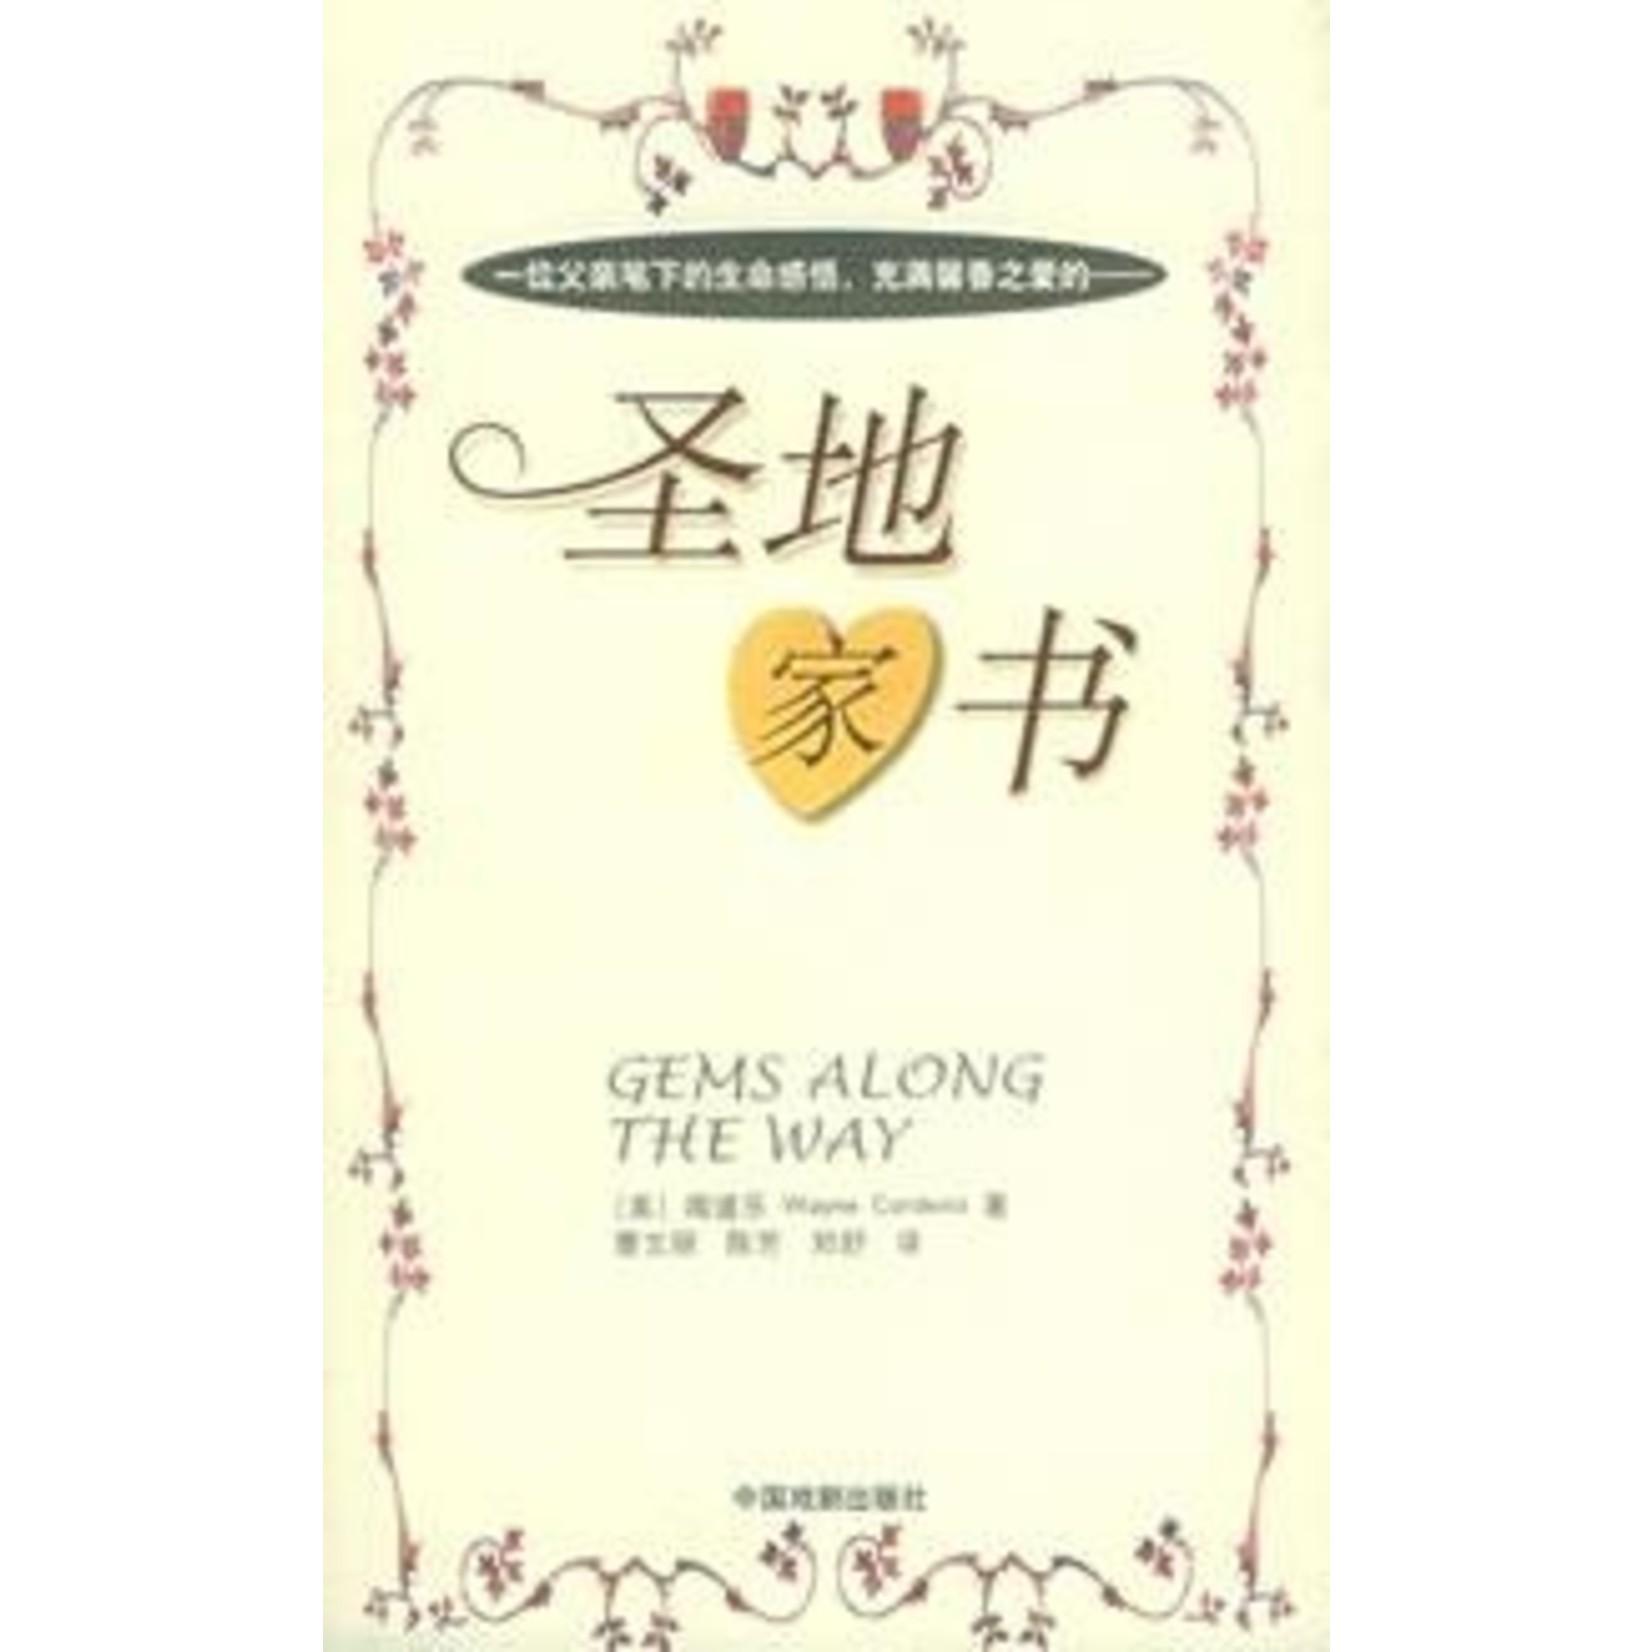 中國戲劇出版社 China Theatre Press 圣地家书 Gems Along The Way